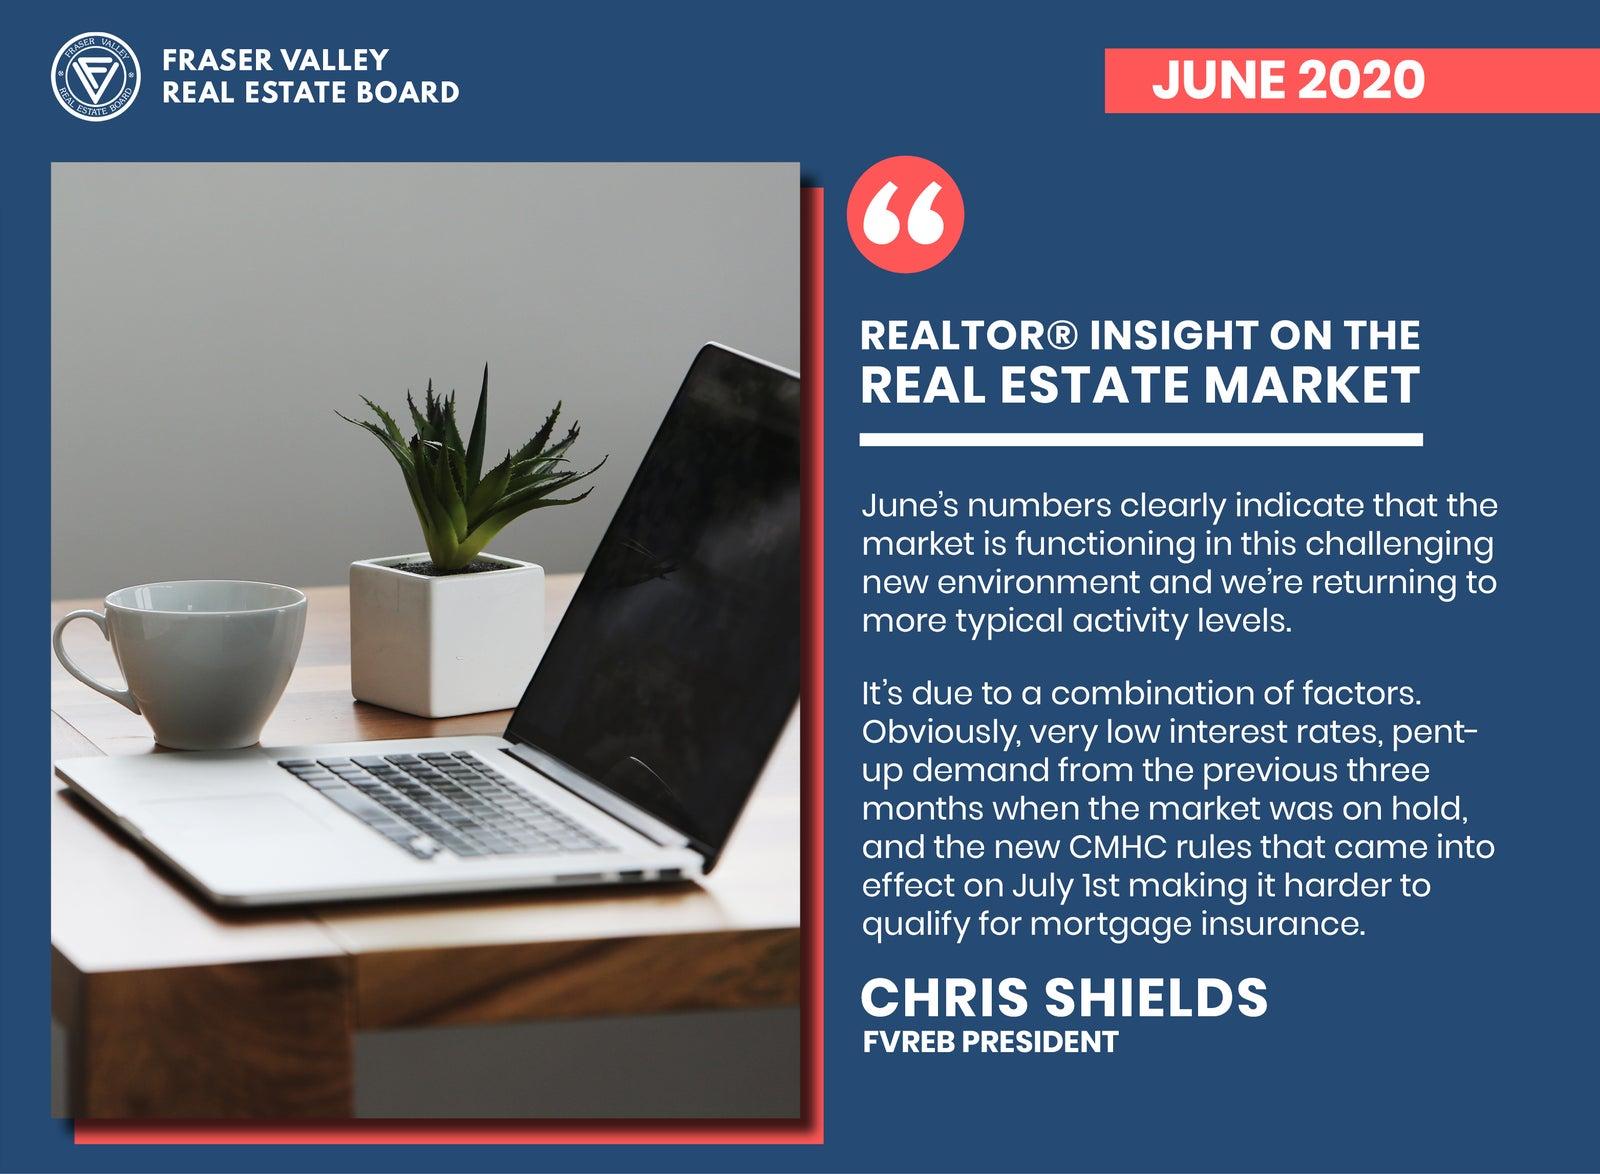 Market Report - Fraser Valley Real Estate Board June 2020